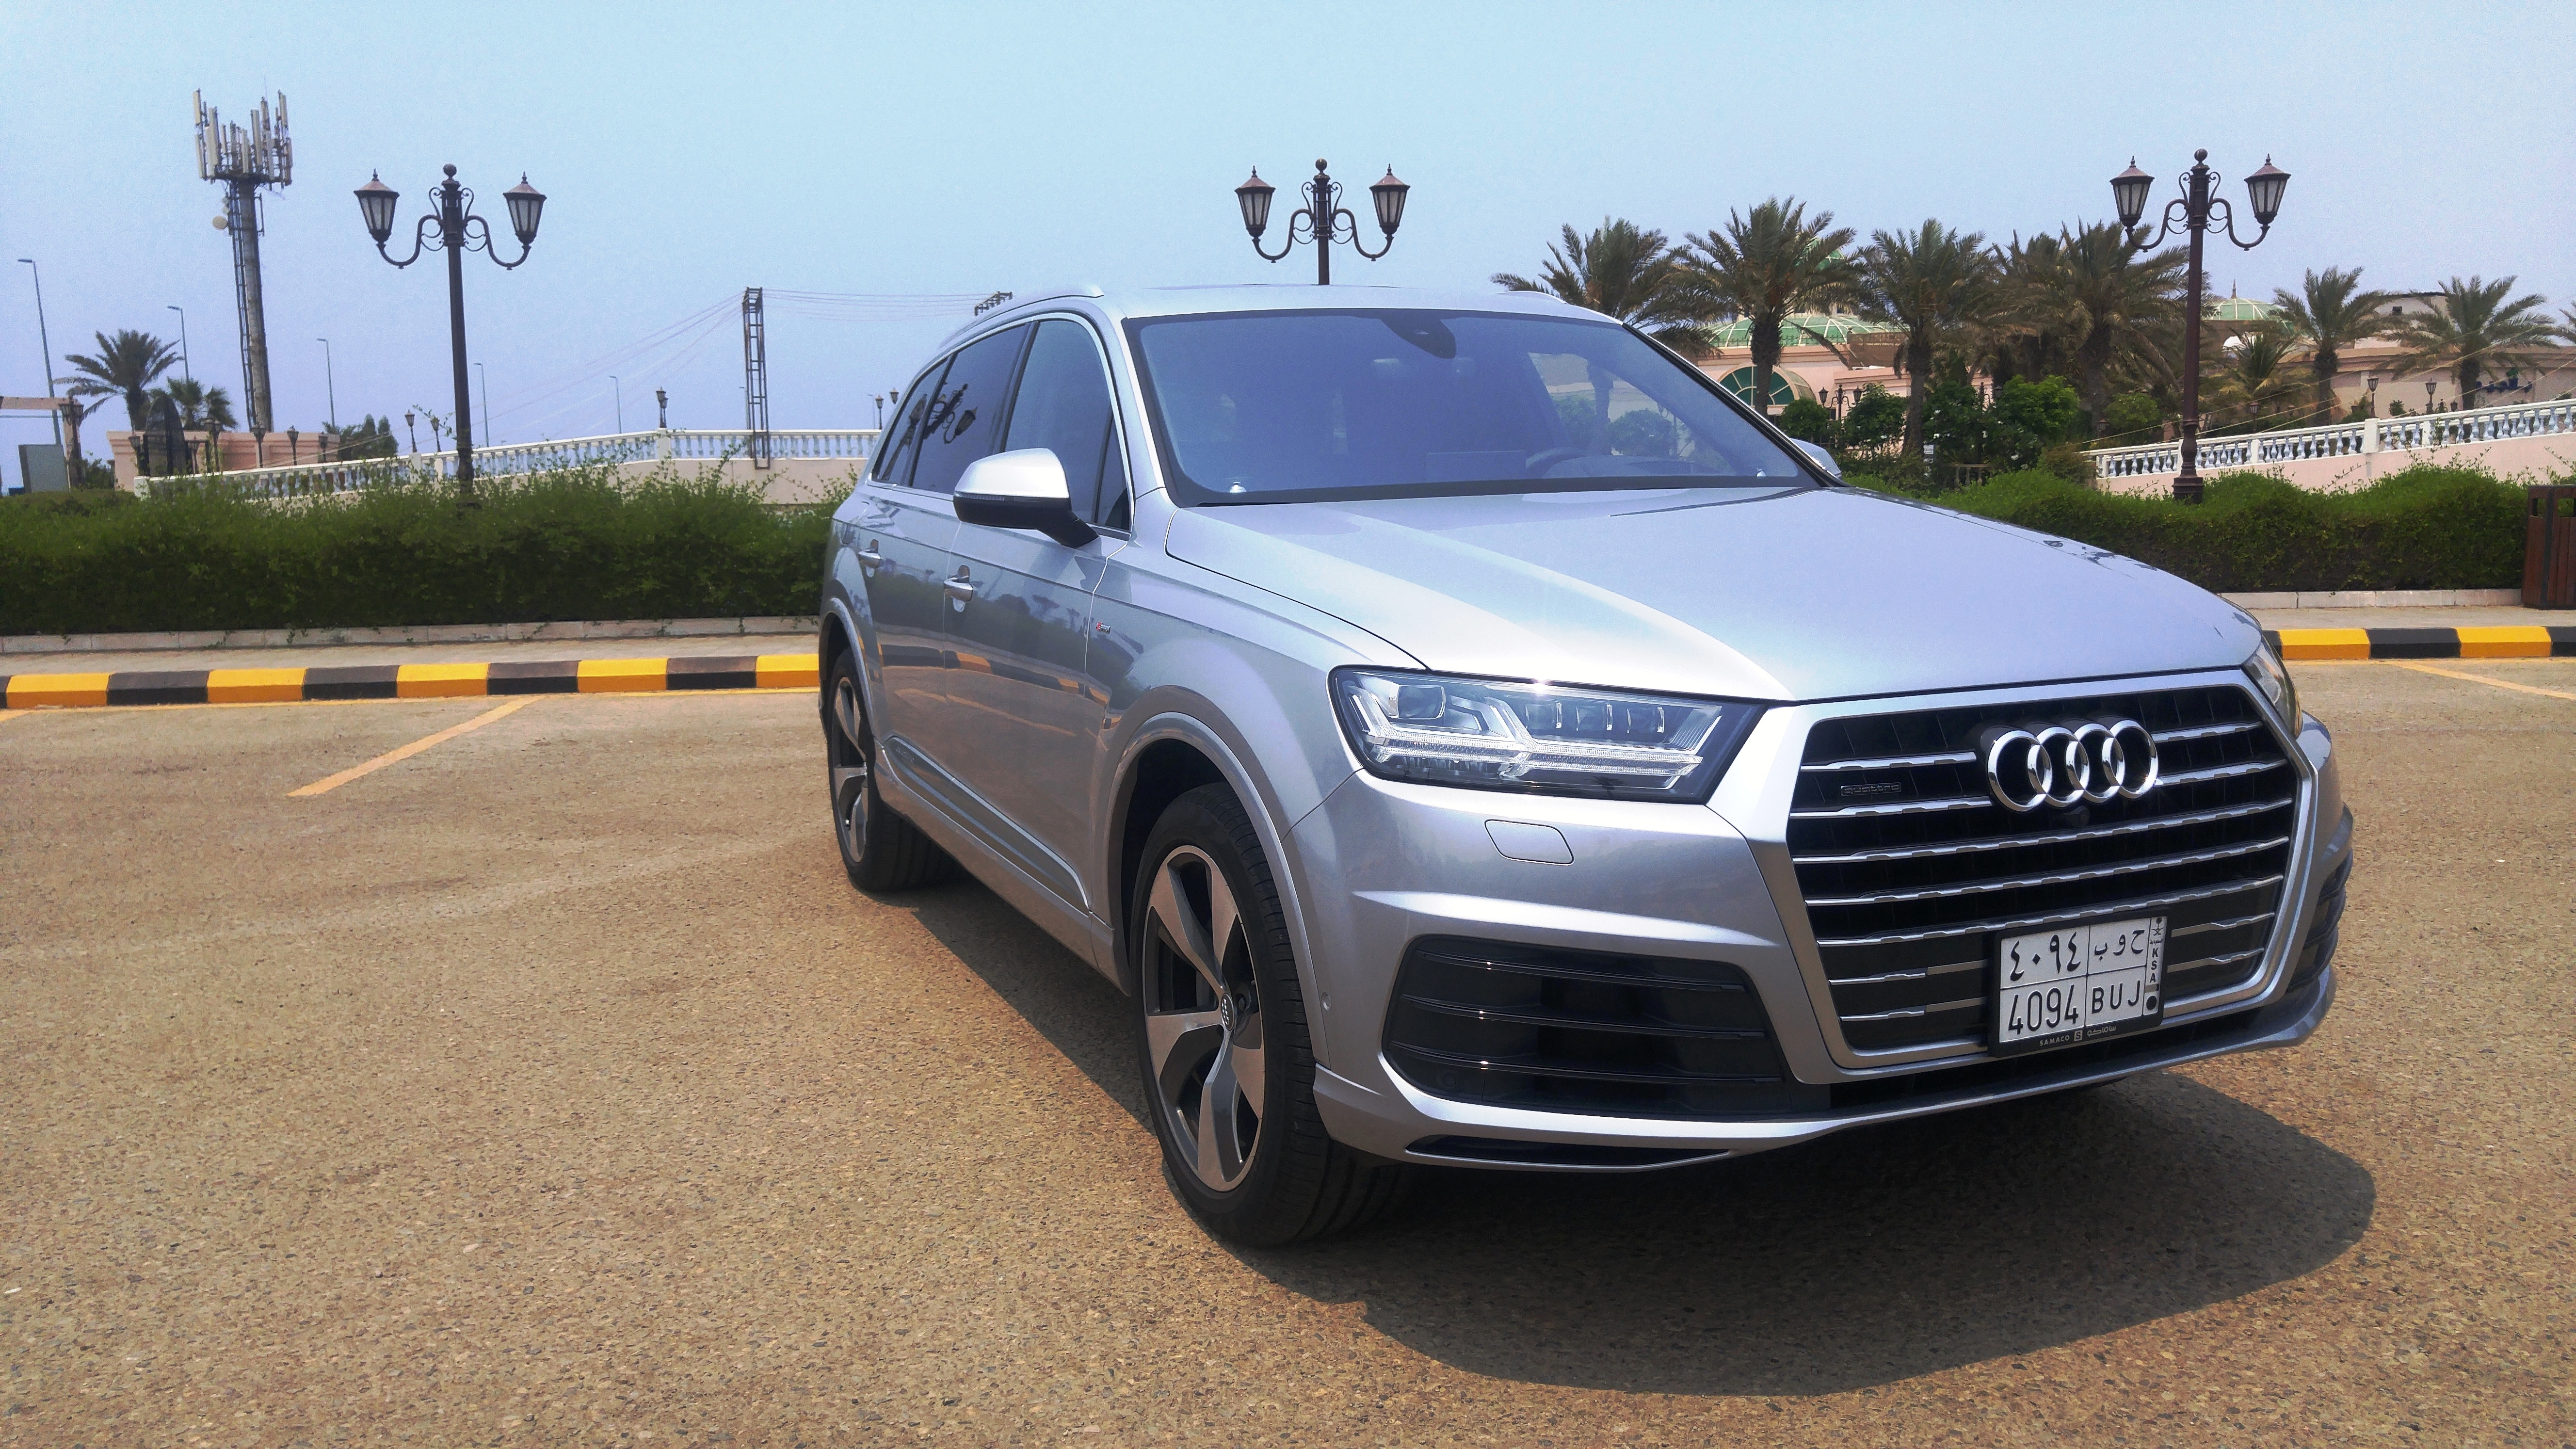 سيارة Audi Q7الجديدة: مثال واضح عن الكفاءة التكنولوجية رفيعة المستوى من أودي